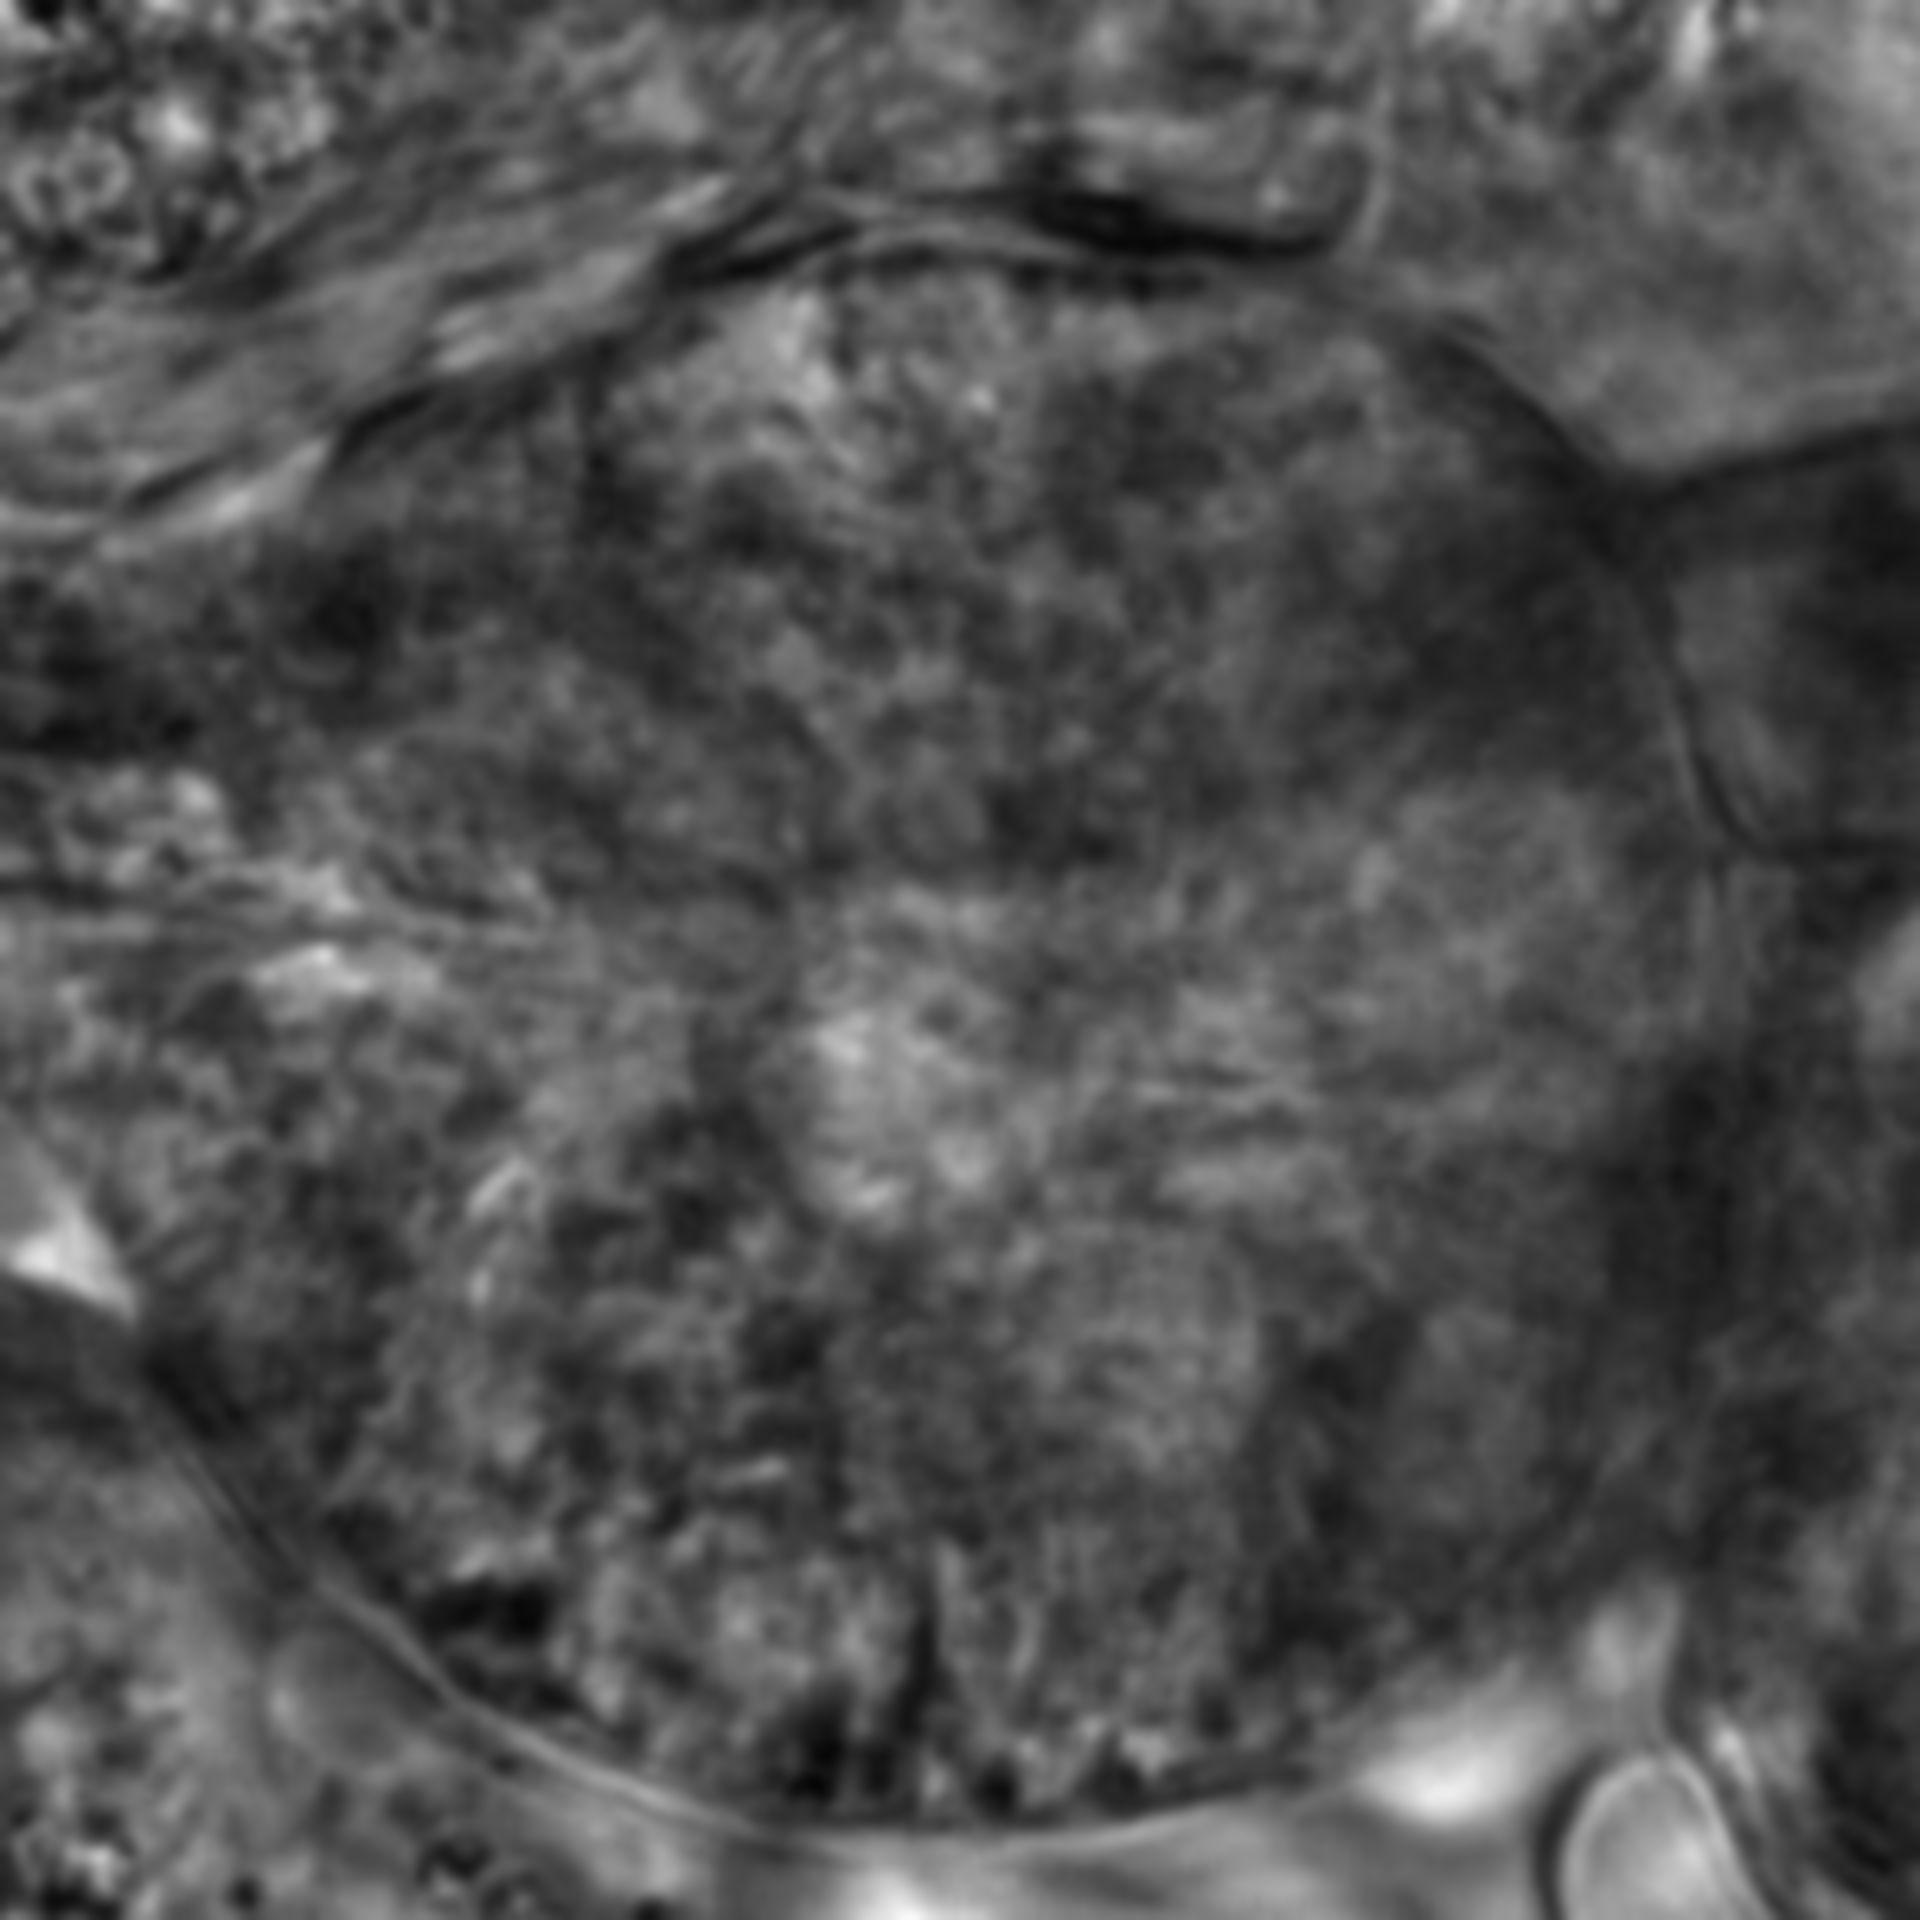 Caenorhabditis elegans - CIL:2747